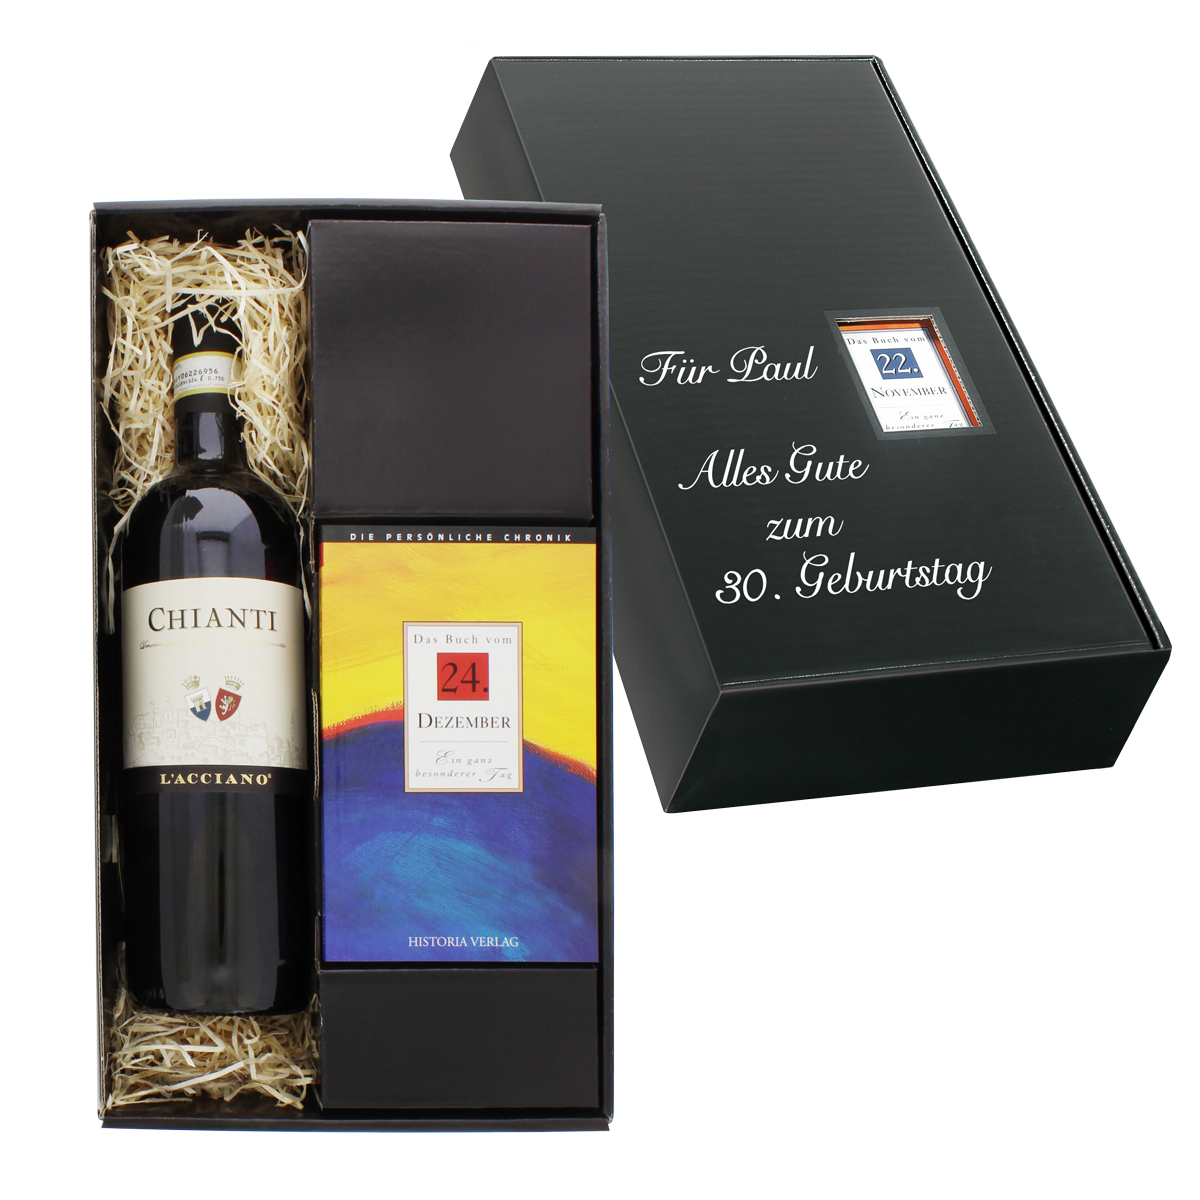 Italien-Set: Tageschronik vom 13. Oktober & Chianti-Wein